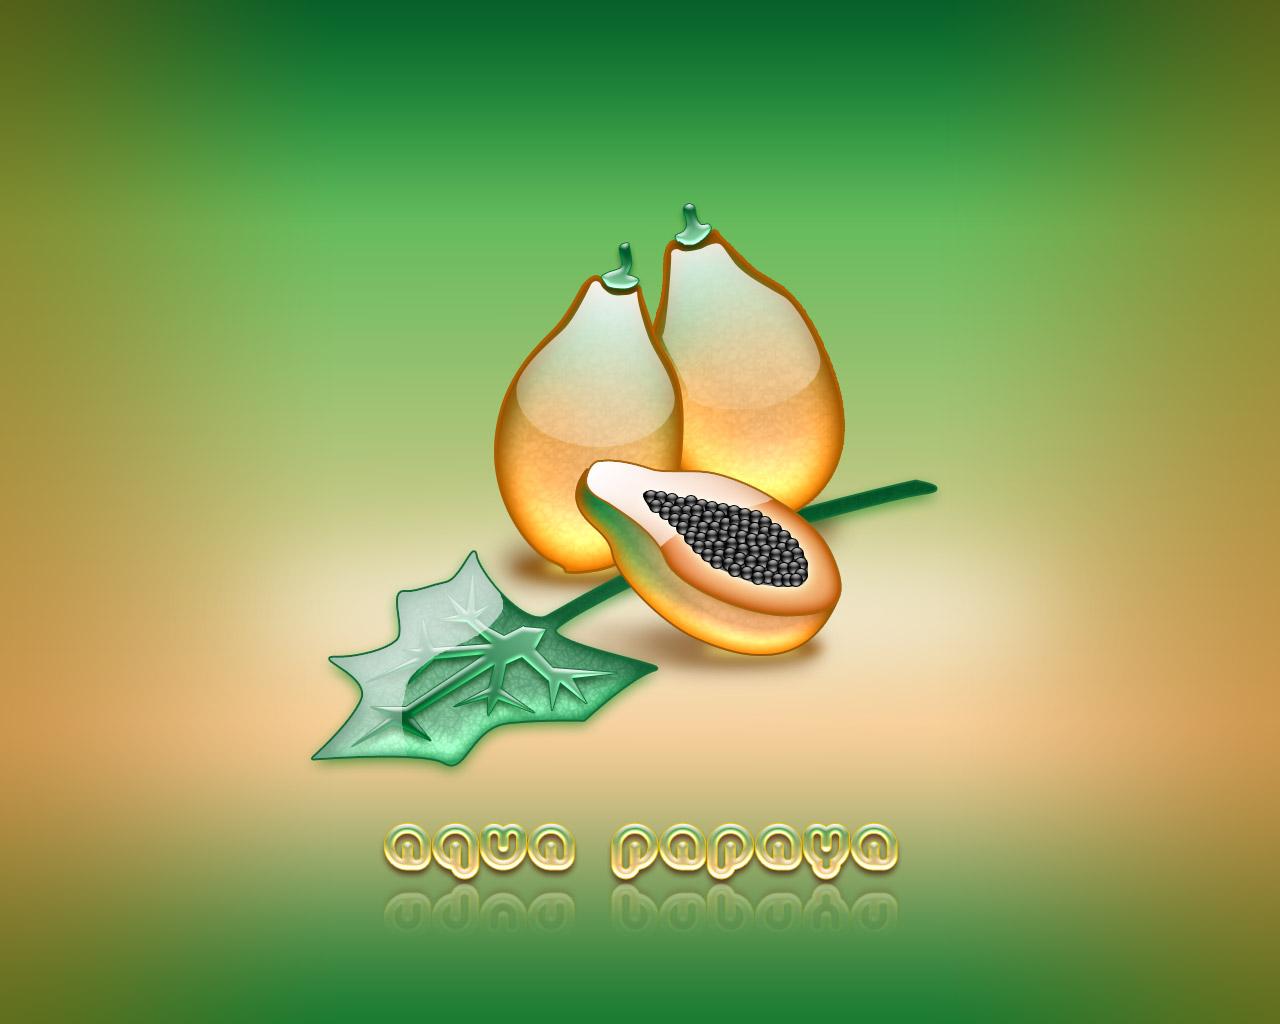 strictly wallpaper aqua wallpapers papaya